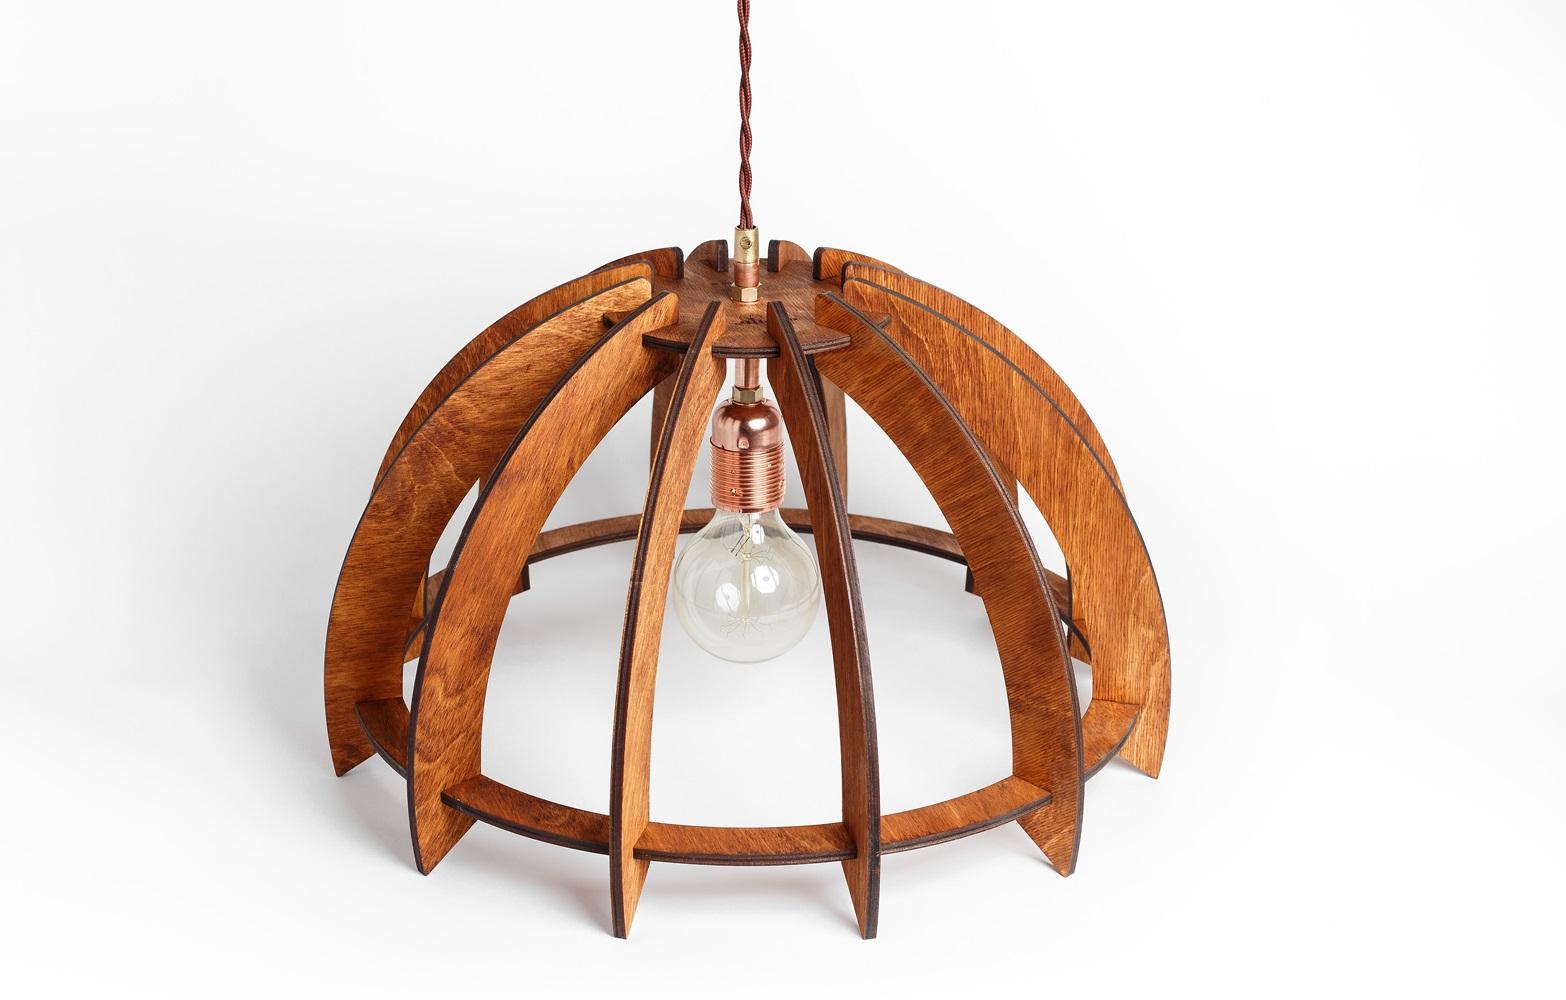 Деревянный светильник ЗонтикПодвесные светильники<br>Деревянная люстра в стиле Лофт. Возможно изготовление в двух цветах - натуральный ( покрытый лаком ) и темный ( мореный )&amp;lt;div&amp;gt;&amp;lt;br&amp;gt;&amp;lt;/div&amp;gt;&amp;lt;div&amp;gt;&amp;lt;div&amp;gt;Вид цоколя: E27&amp;lt;/div&amp;gt;&amp;lt;div&amp;gt;Мощность: 60W&amp;lt;/div&amp;gt;&amp;lt;div&amp;gt;Количество ламп: 1 (нет в комплекте)&amp;lt;/div&amp;gt;&amp;lt;/div&amp;gt;<br><br>Material: Дерево